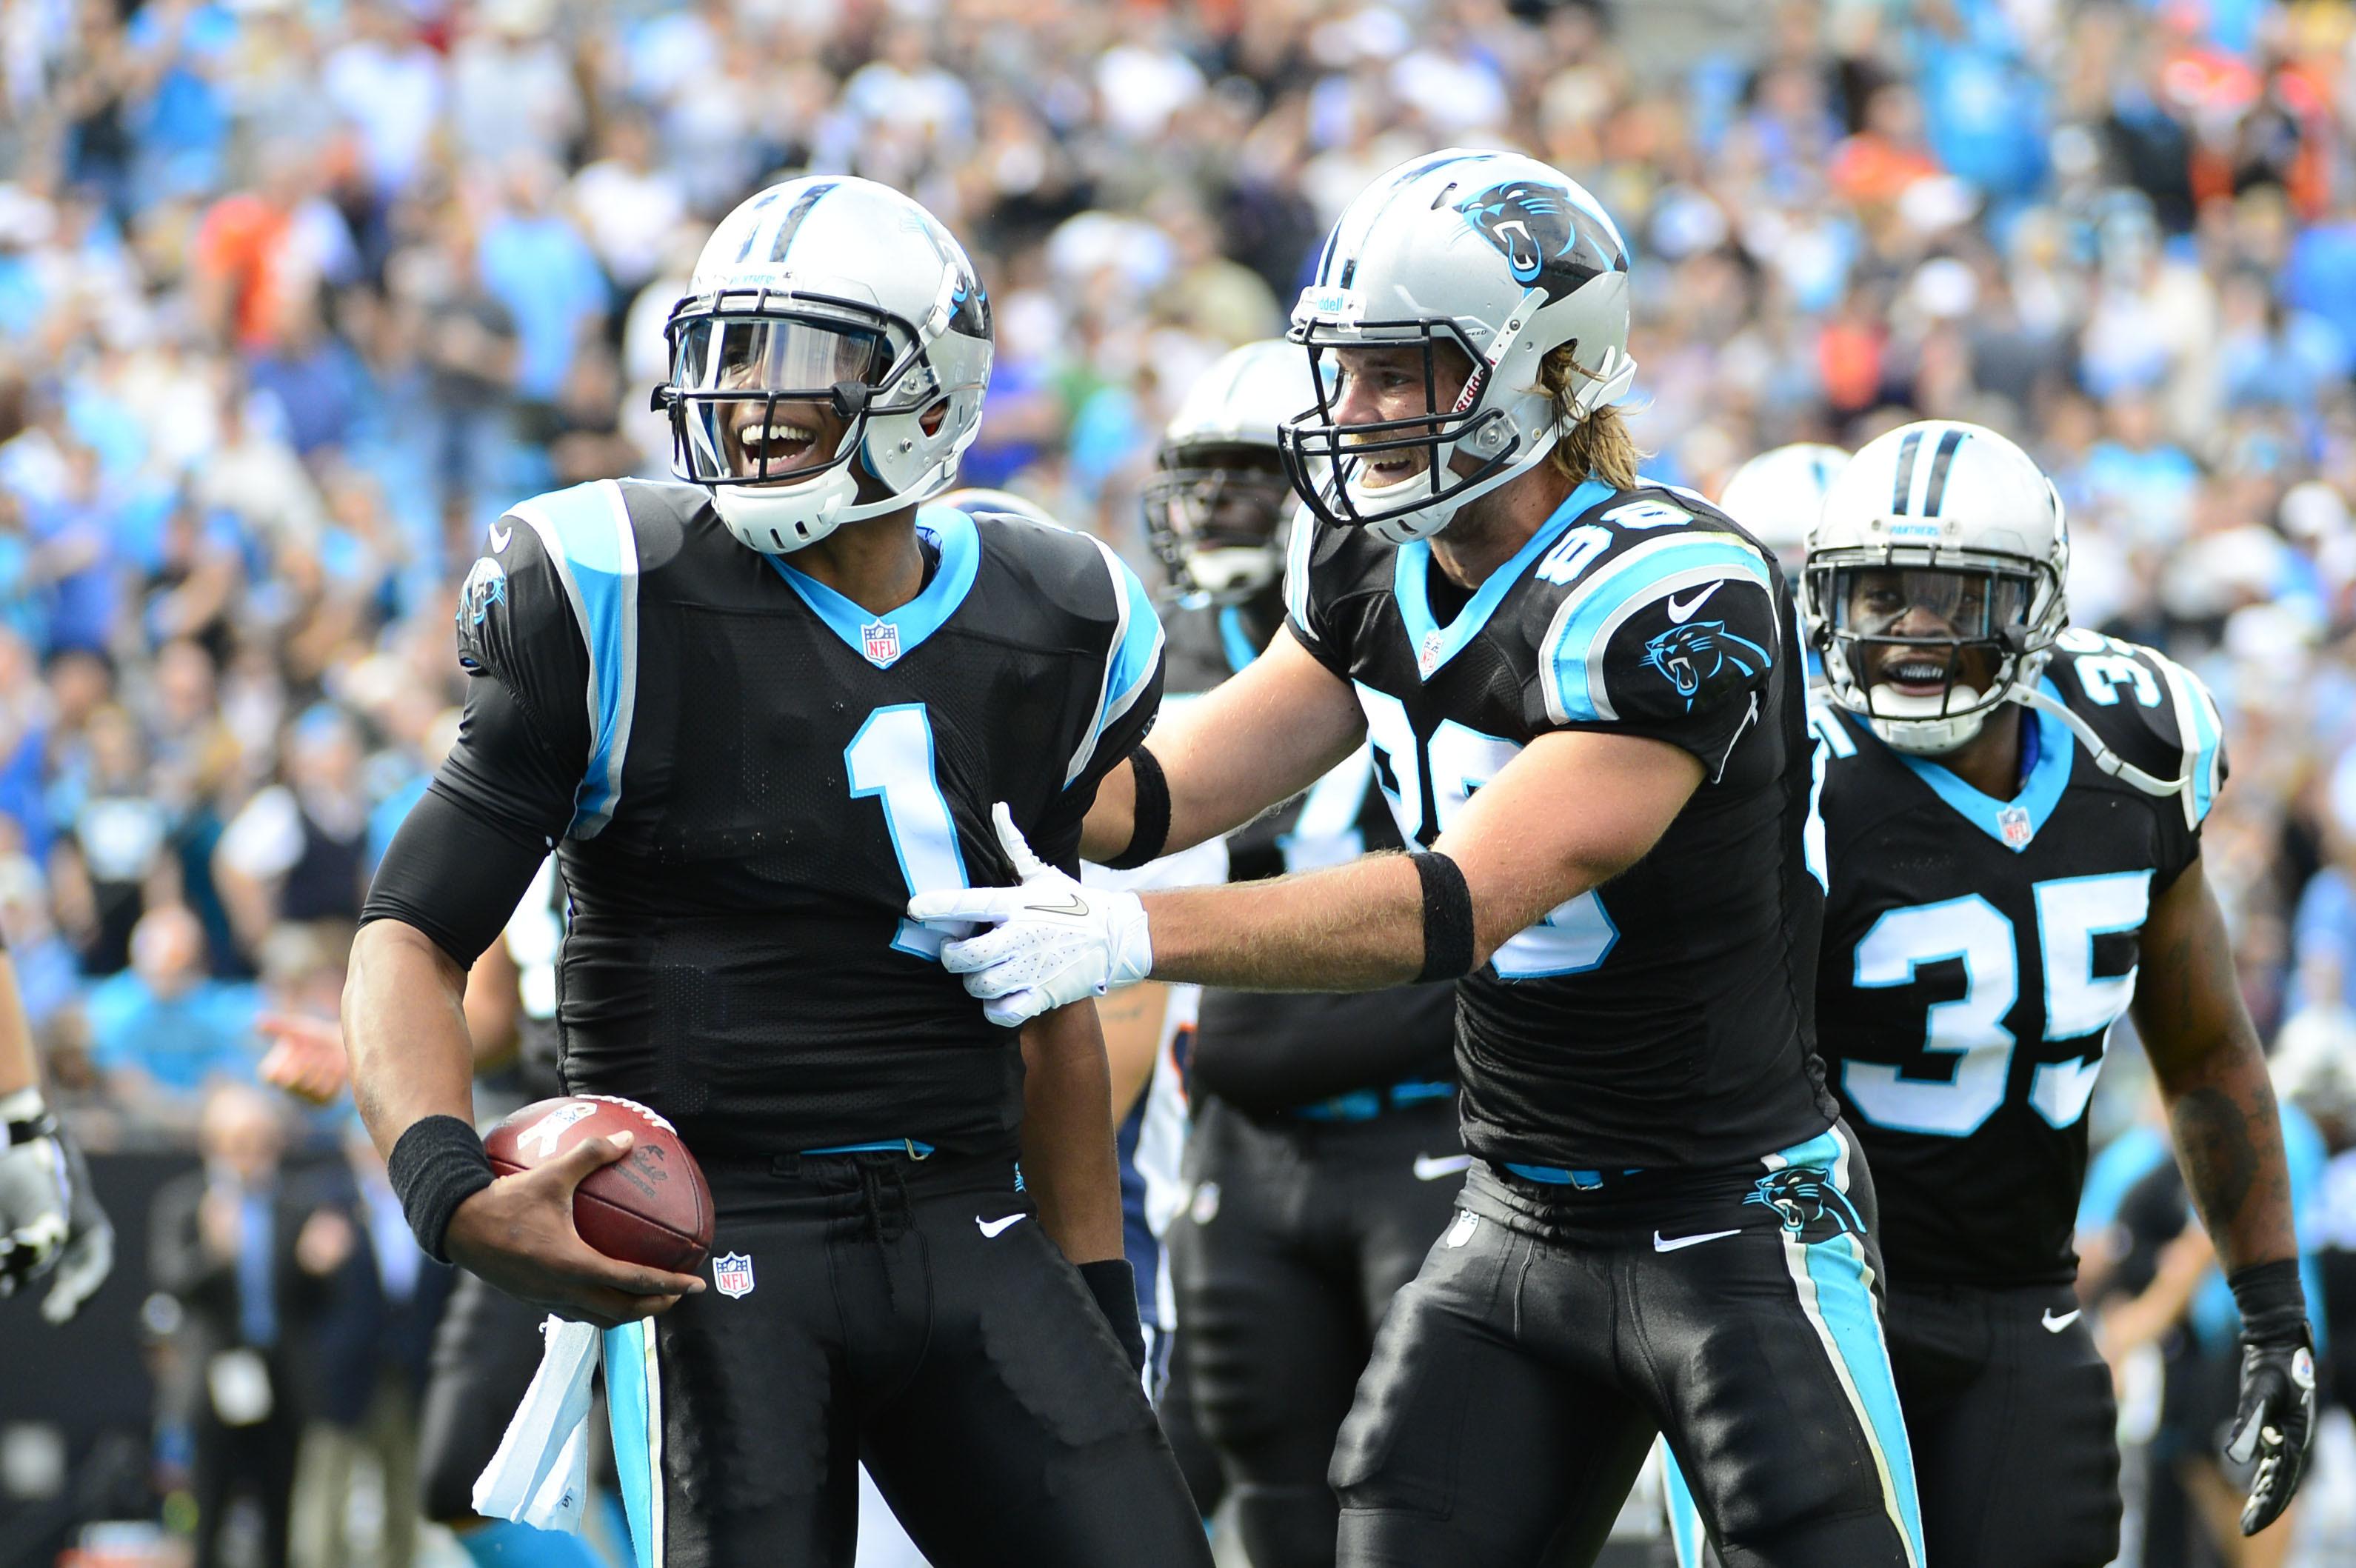 wallpaper.wiki-Download-Free-Carolina-Panthers-HD-Pictures-